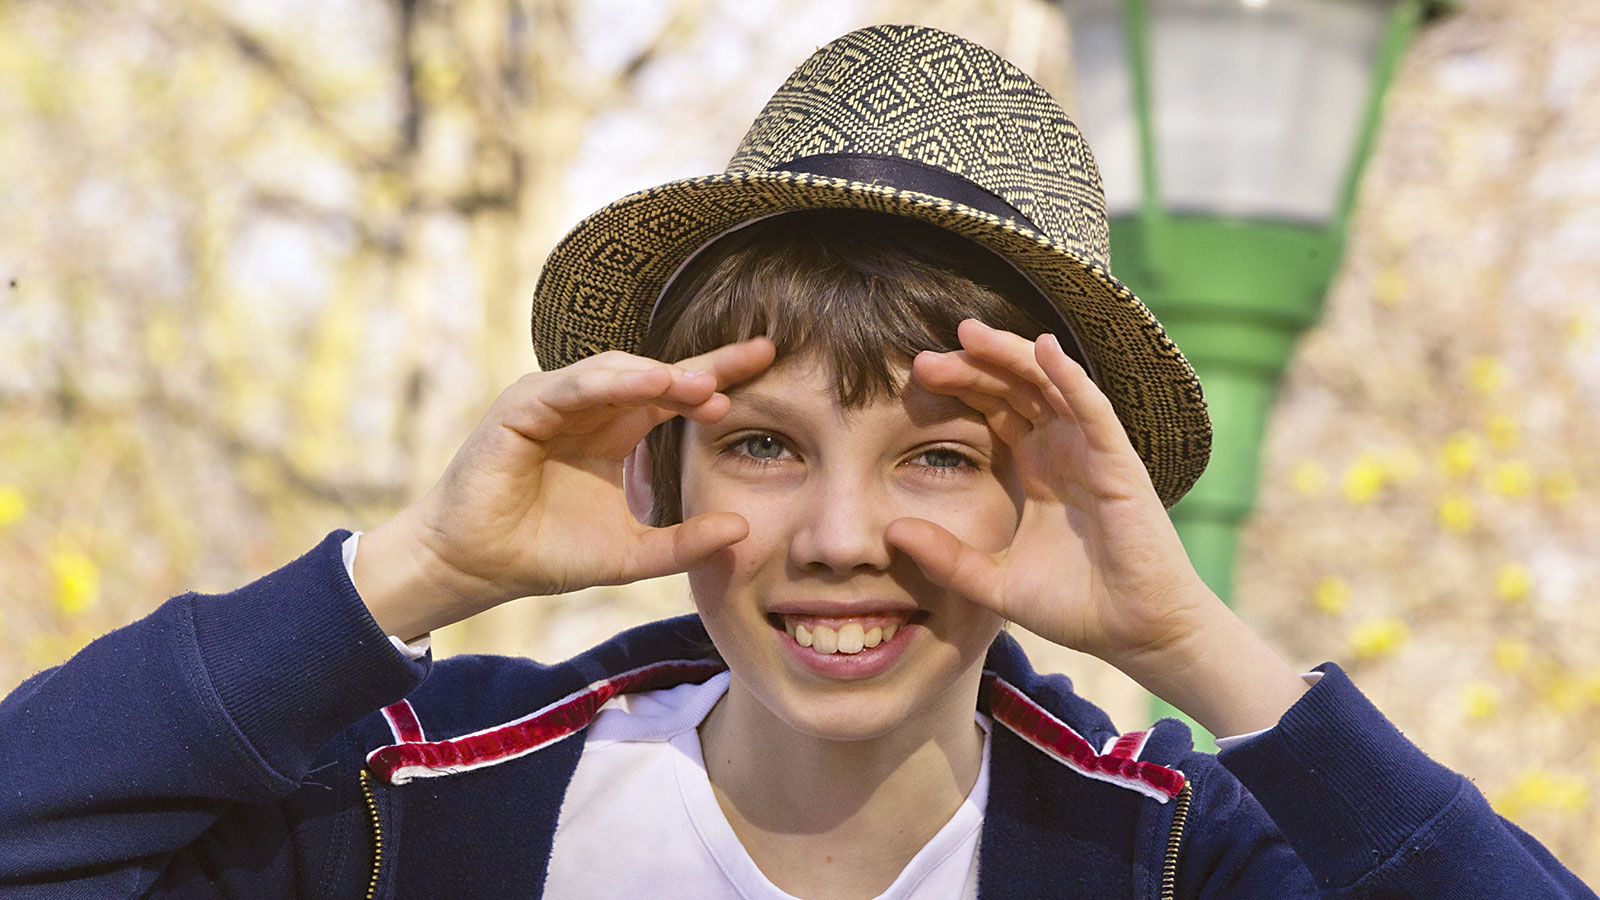 Le plus grand souhait d'Elliot, autiste de type Asperger : « Que les gens prennent le temps de me connaître. » (Photo: Jacques Nadeau)